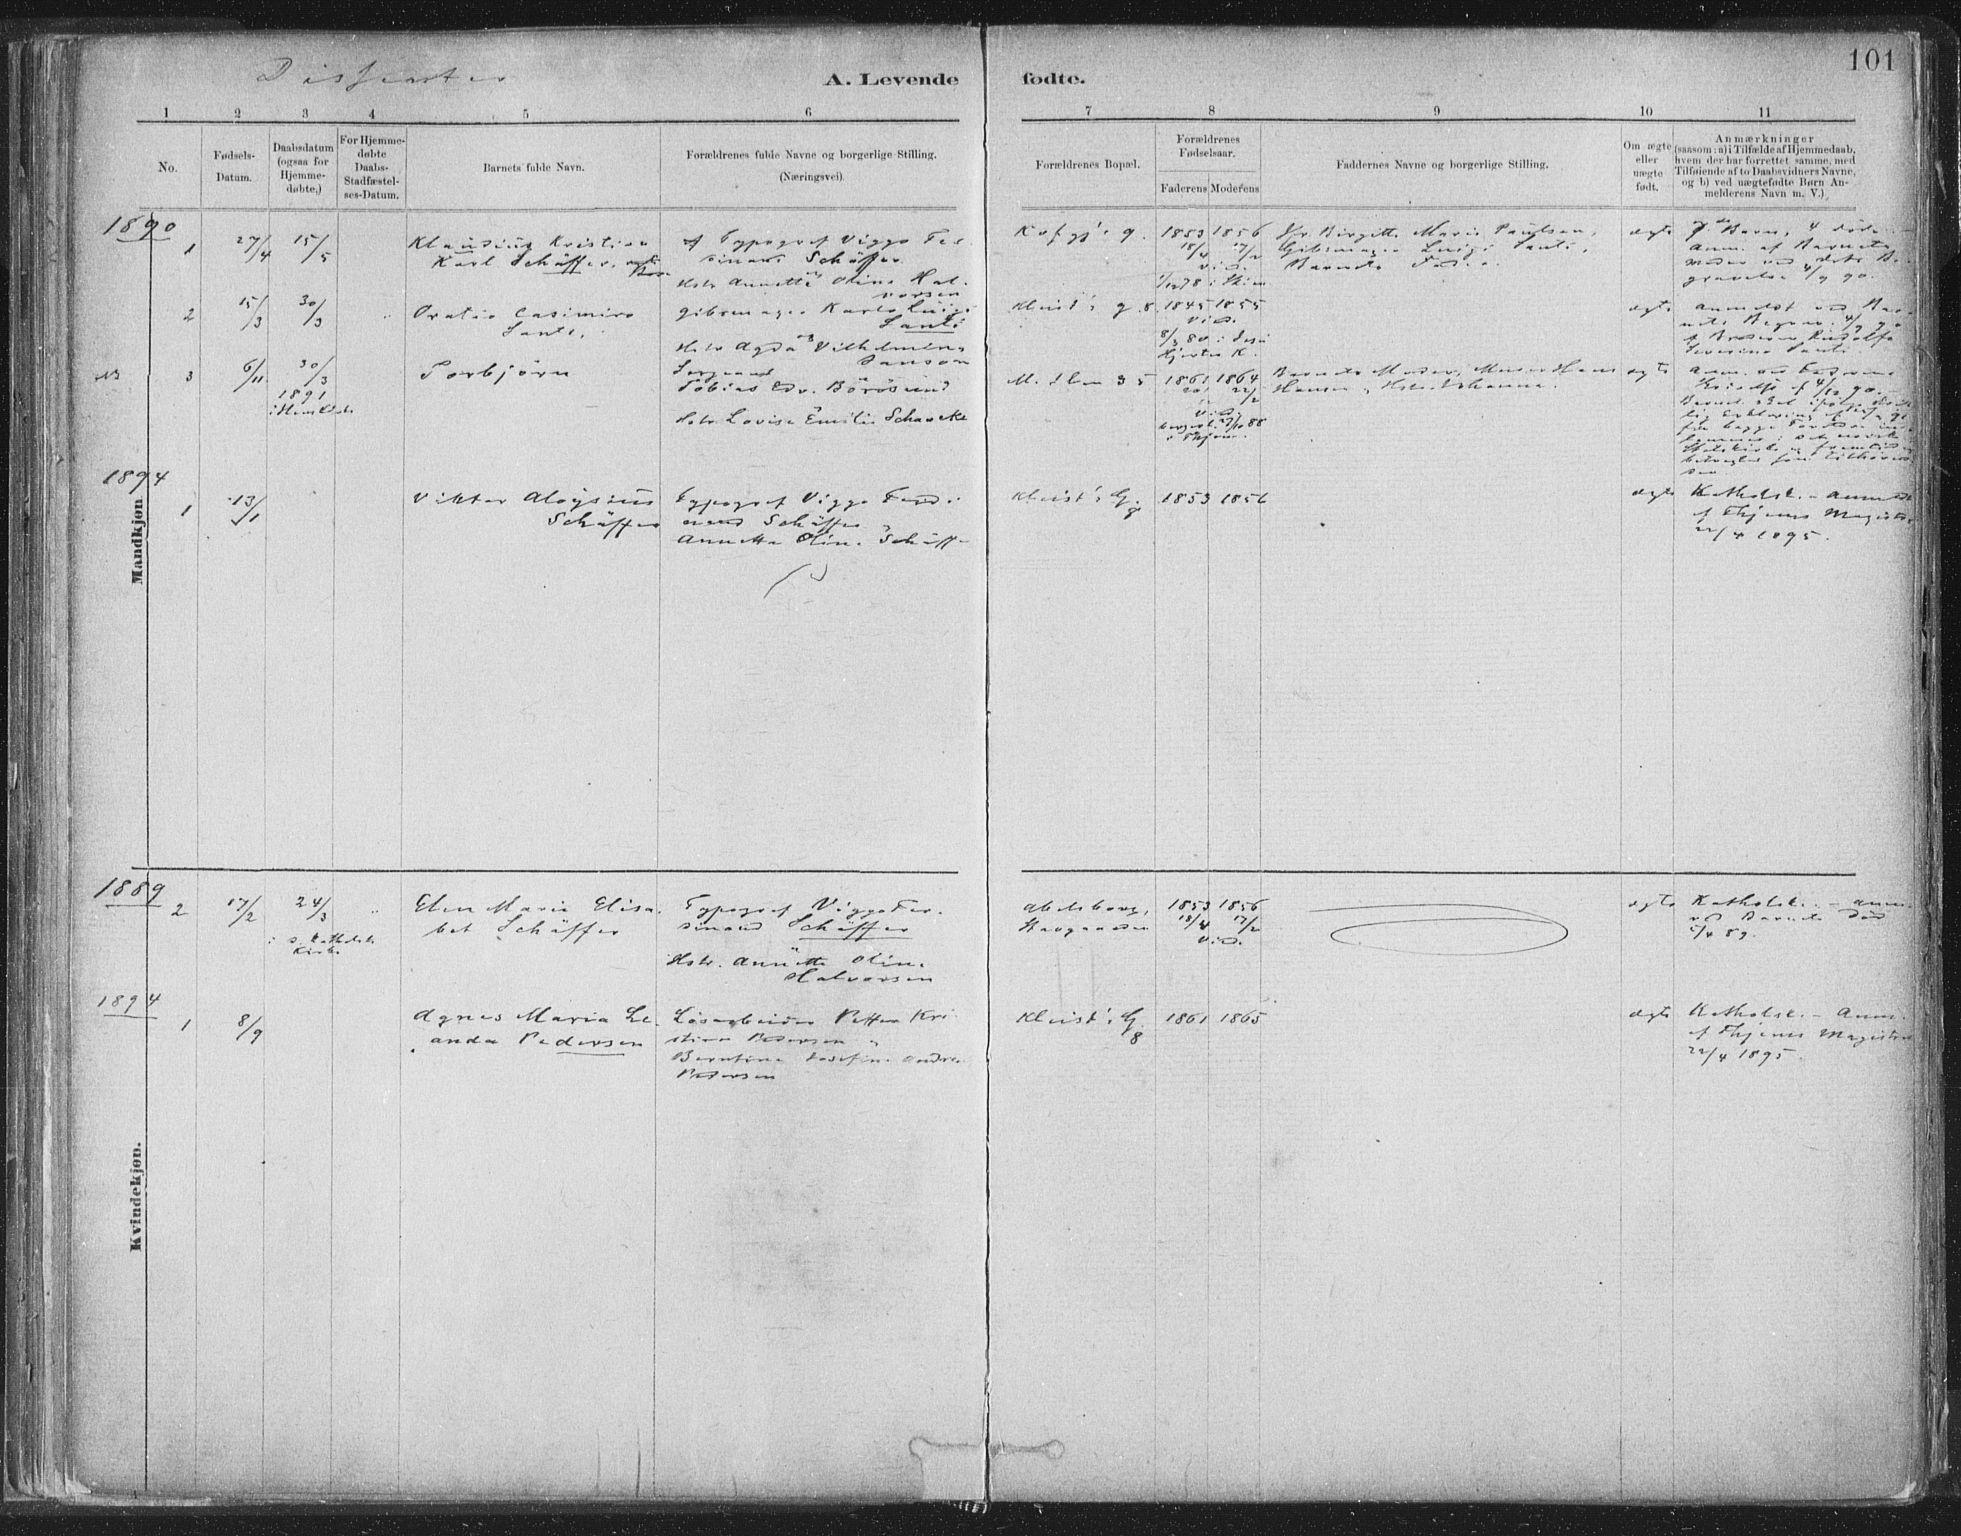 SAT, Ministerialprotokoller, klokkerbøker og fødselsregistre - Sør-Trøndelag, 603/L0162: Ministerialbok nr. 603A01, 1879-1895, s. 101